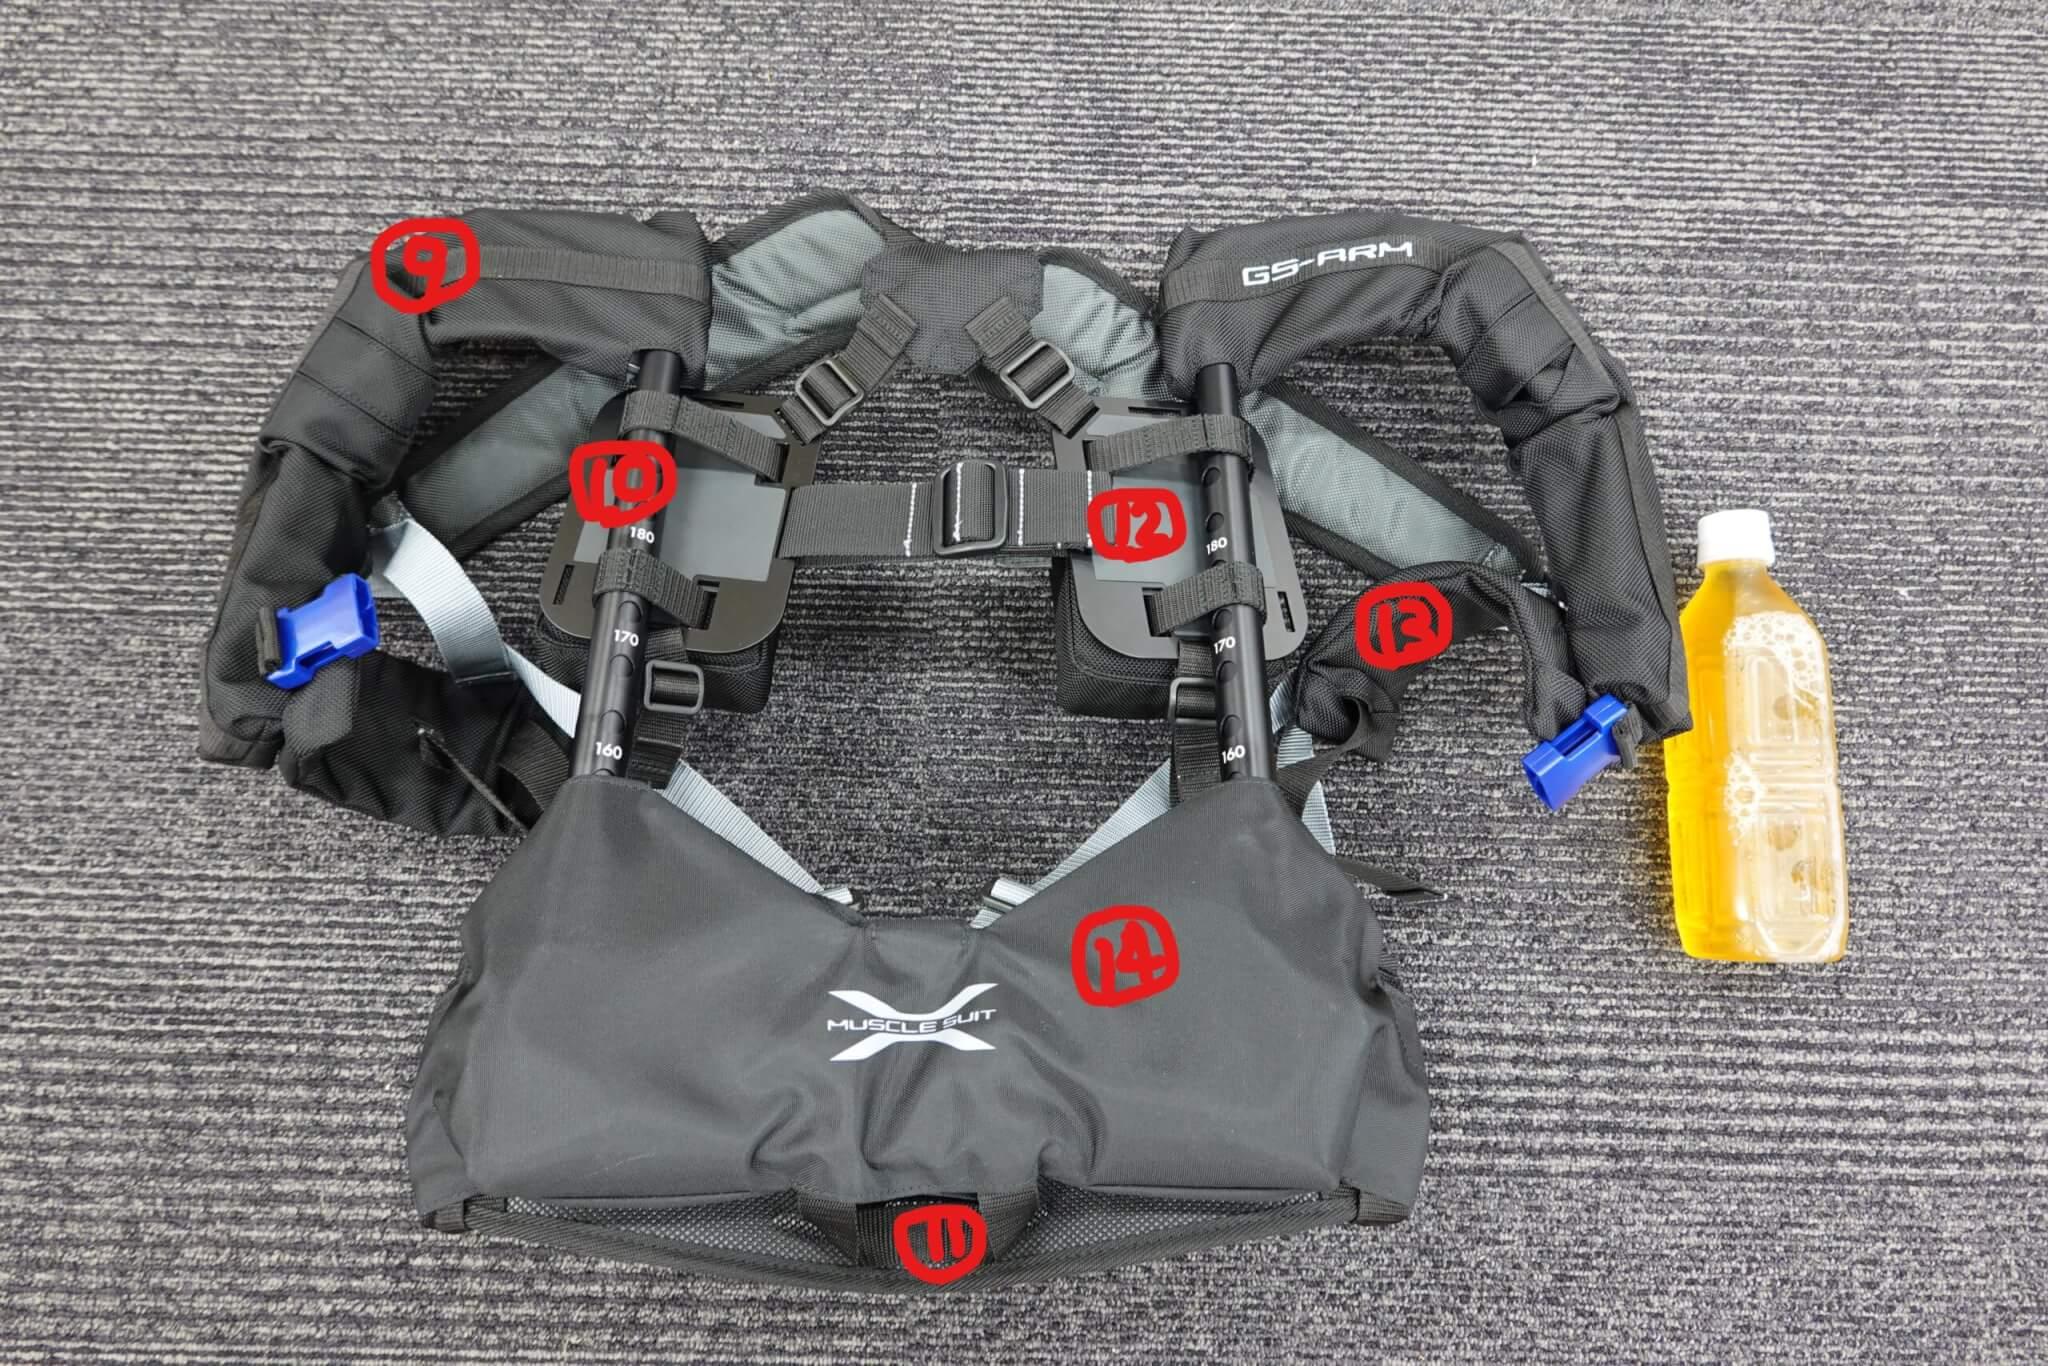 実際に「マッスルスーツ GS-ARM」を使ってみた 外観・各部名称を確認